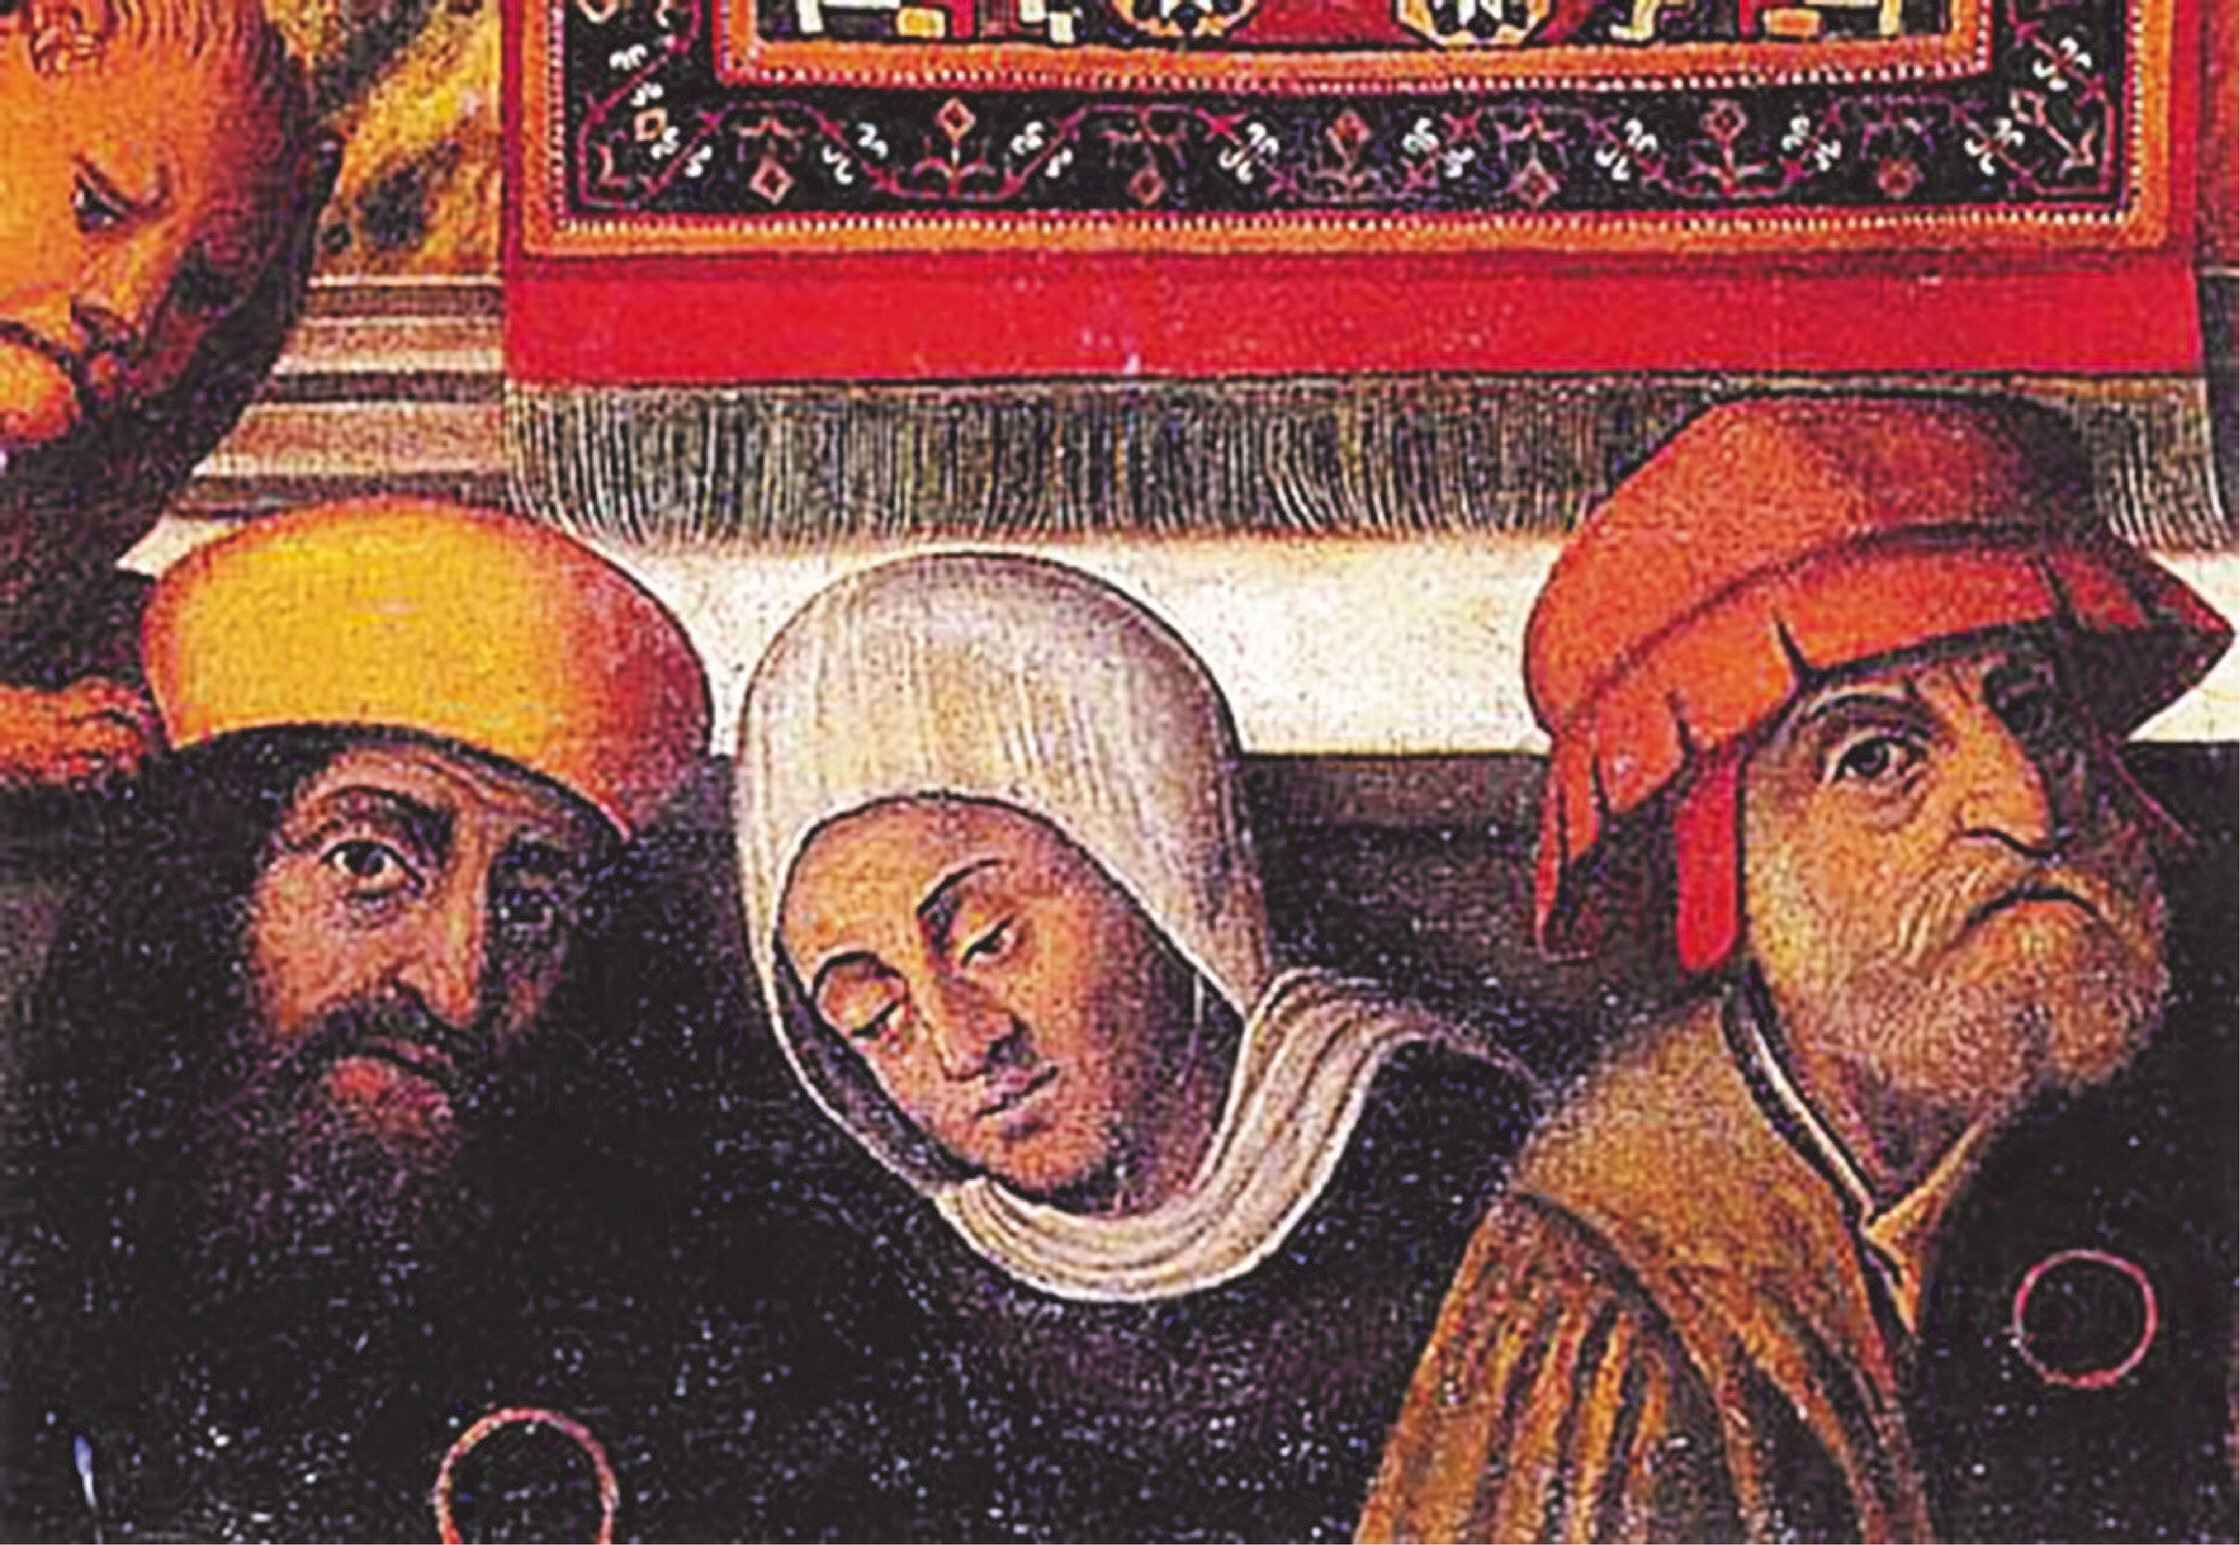 La famiglia del mercante ebreo Daniel Norsa